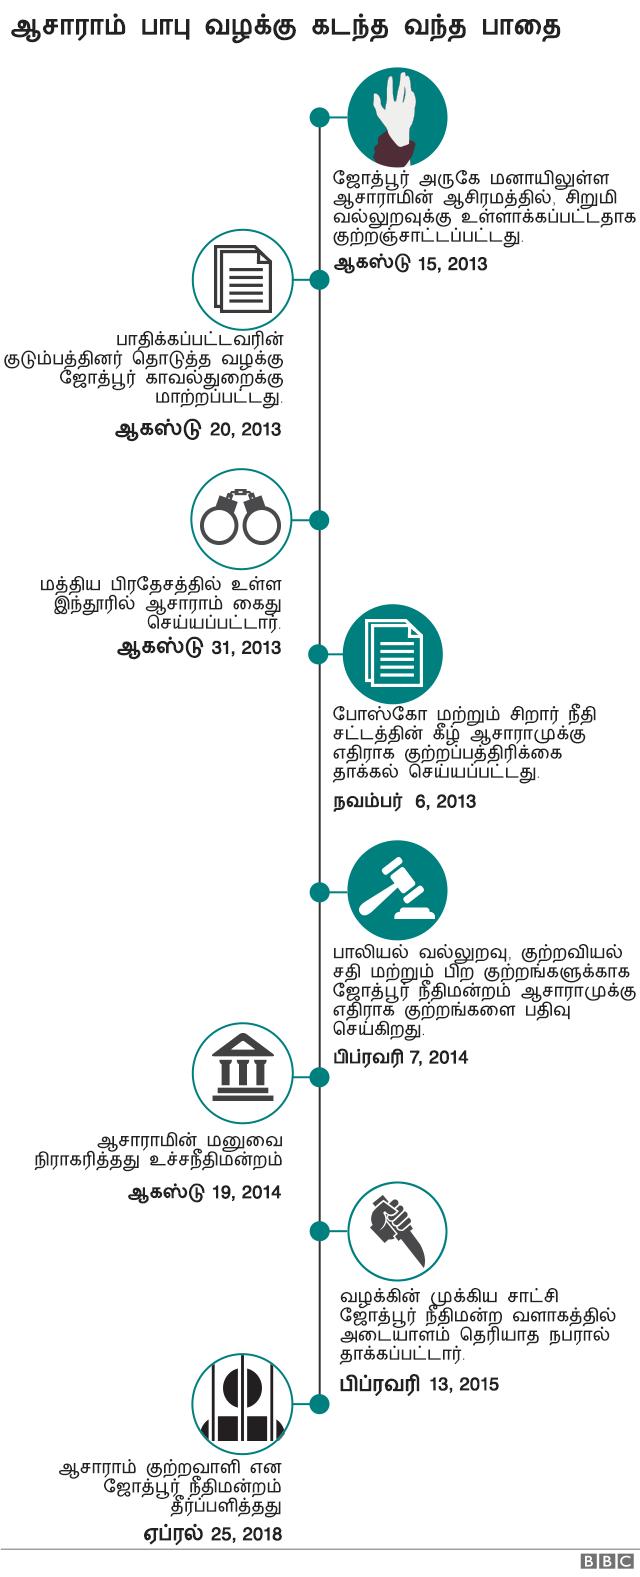 பாலியல் வன்புணர்வு: சாமியார் ஆசாராமுக்கு ஆயுள் தண்டனை